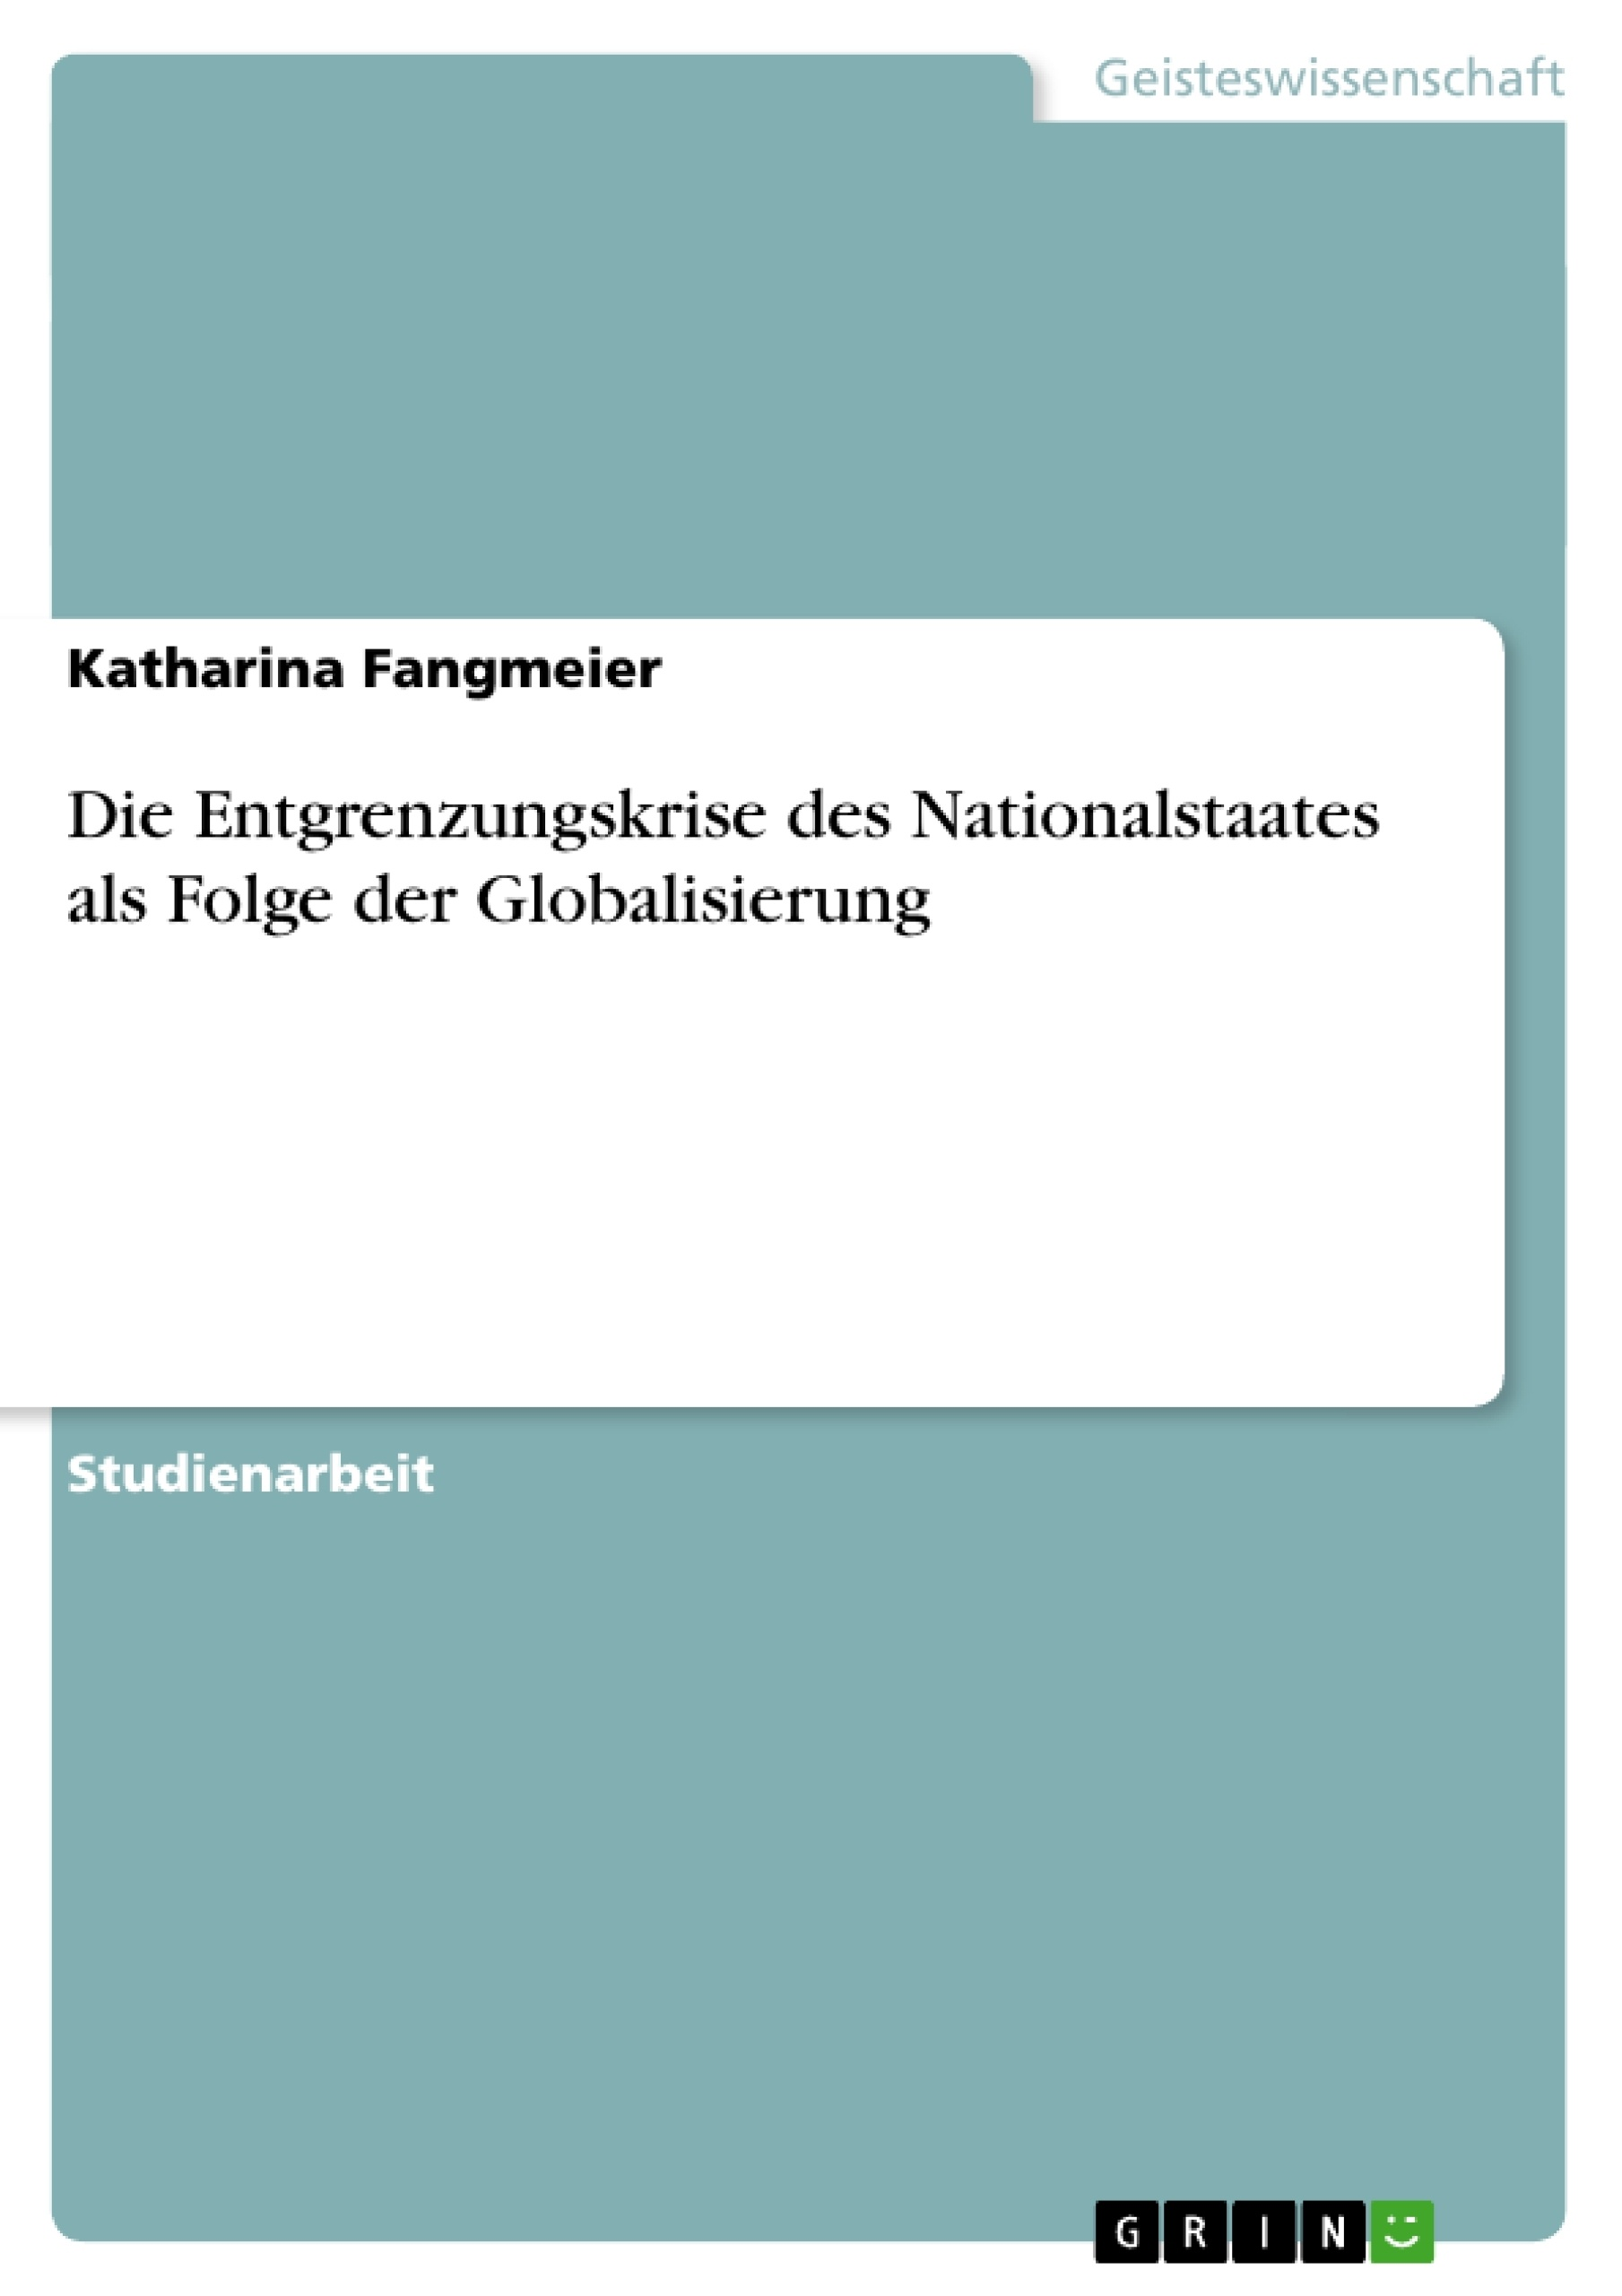 Titel: Die Entgrenzungskrise des Nationalstaates als Folge der Globalisierung